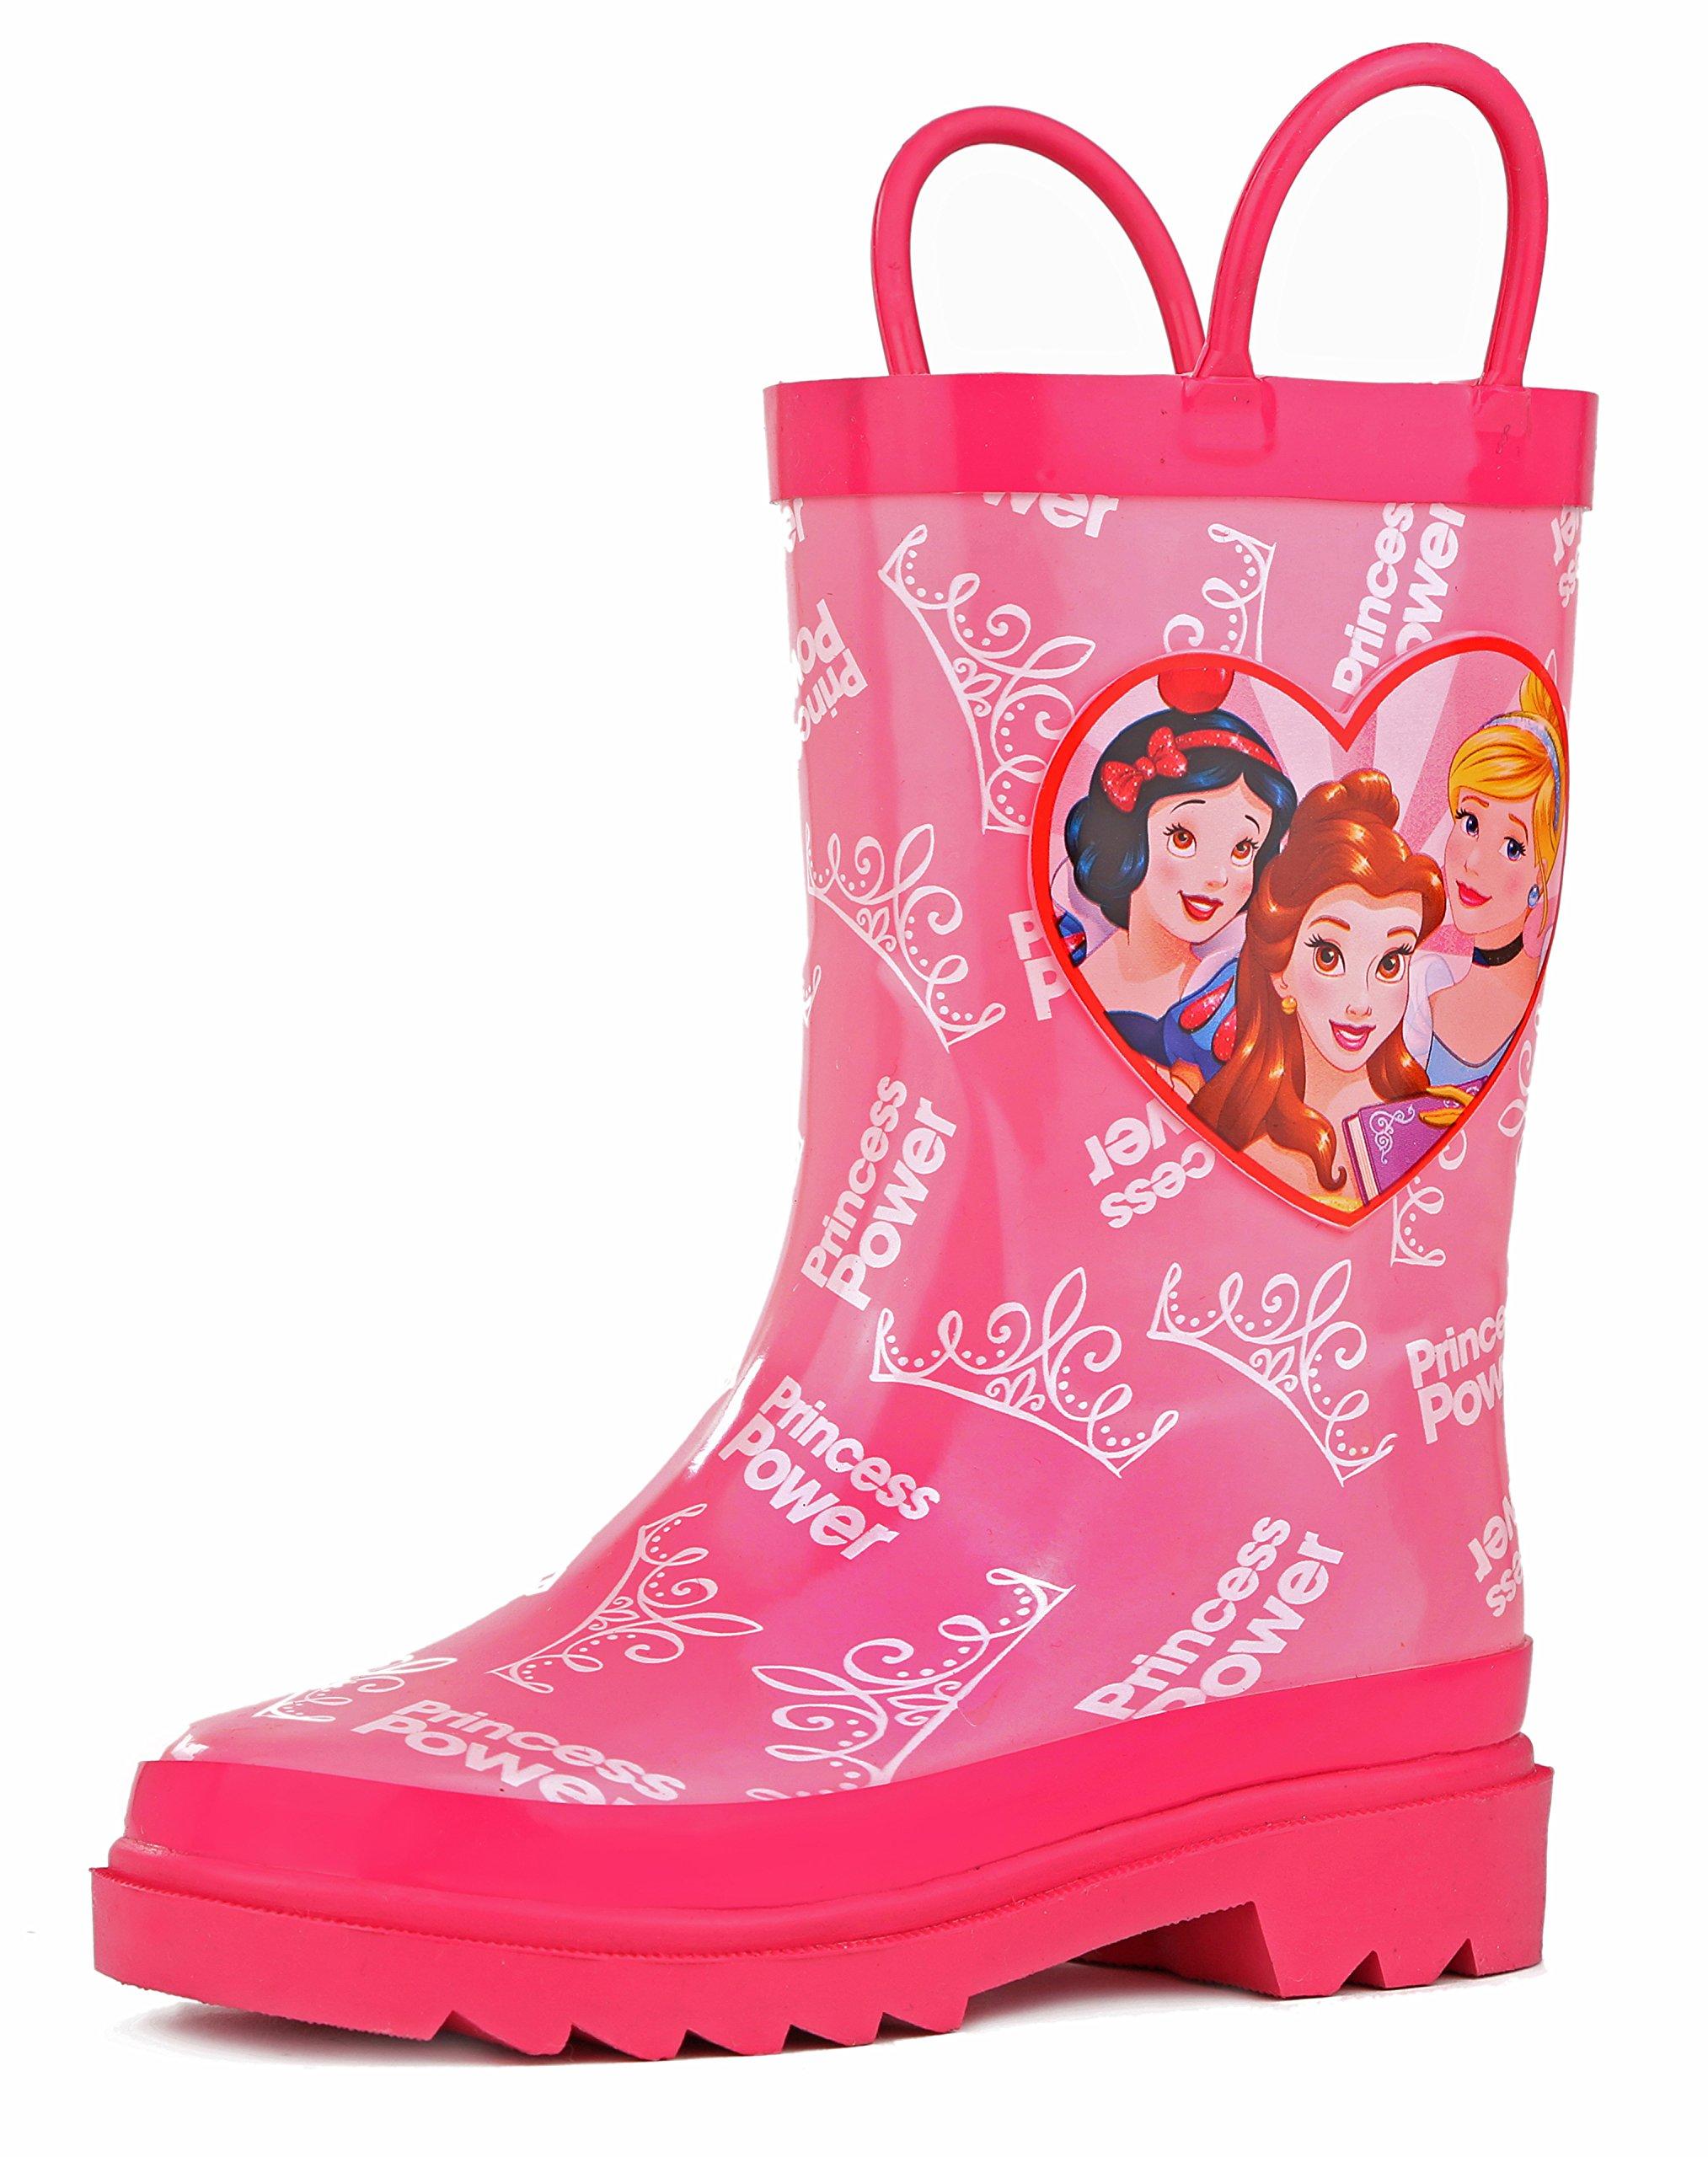 Disney Princess Girl's Pink Rain Boots - Size 8 Toddler